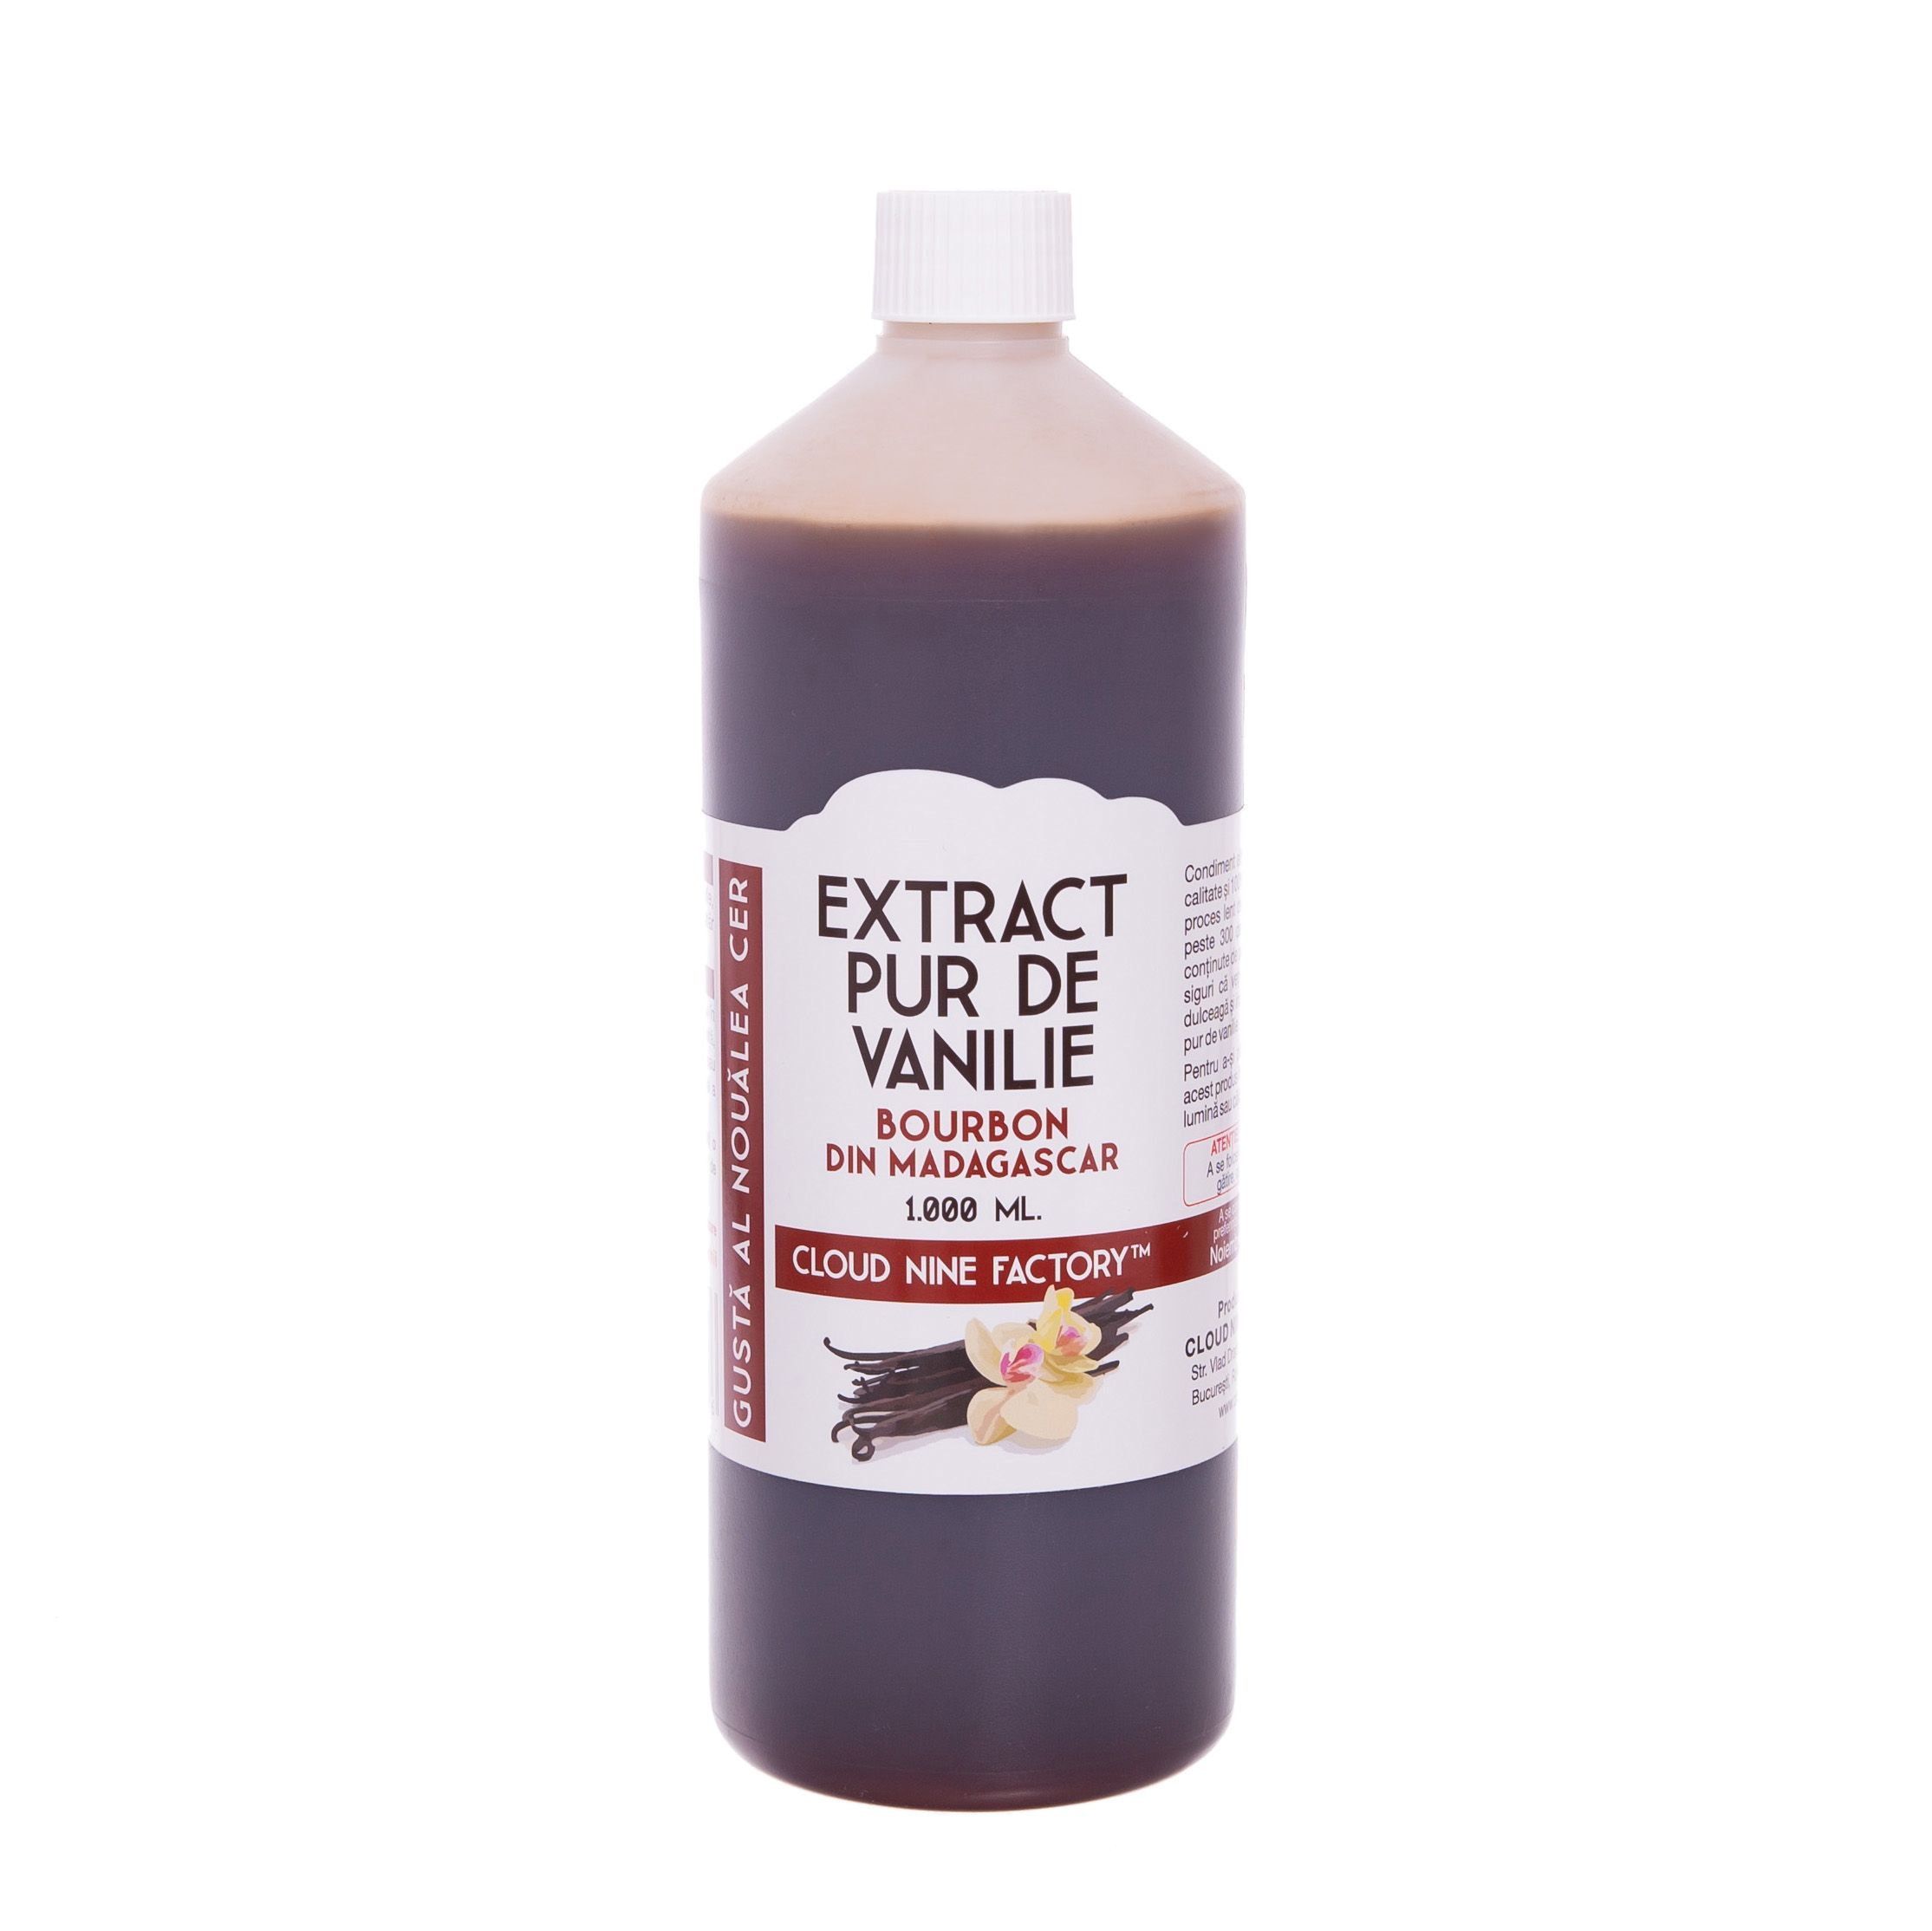 Extract Pur de Vanilie Bourbon de Madagascar (1.000 ml.) extract pur de vanilie bourbon din madagascar (1.000 ml.) - IMG 2647 - Extract Pur de Vanilie Bourbon din Madagascar (1.000 ml.) magazin online - IMG 2647 - Cloud Nine Factory™ ⛅ Magazin online